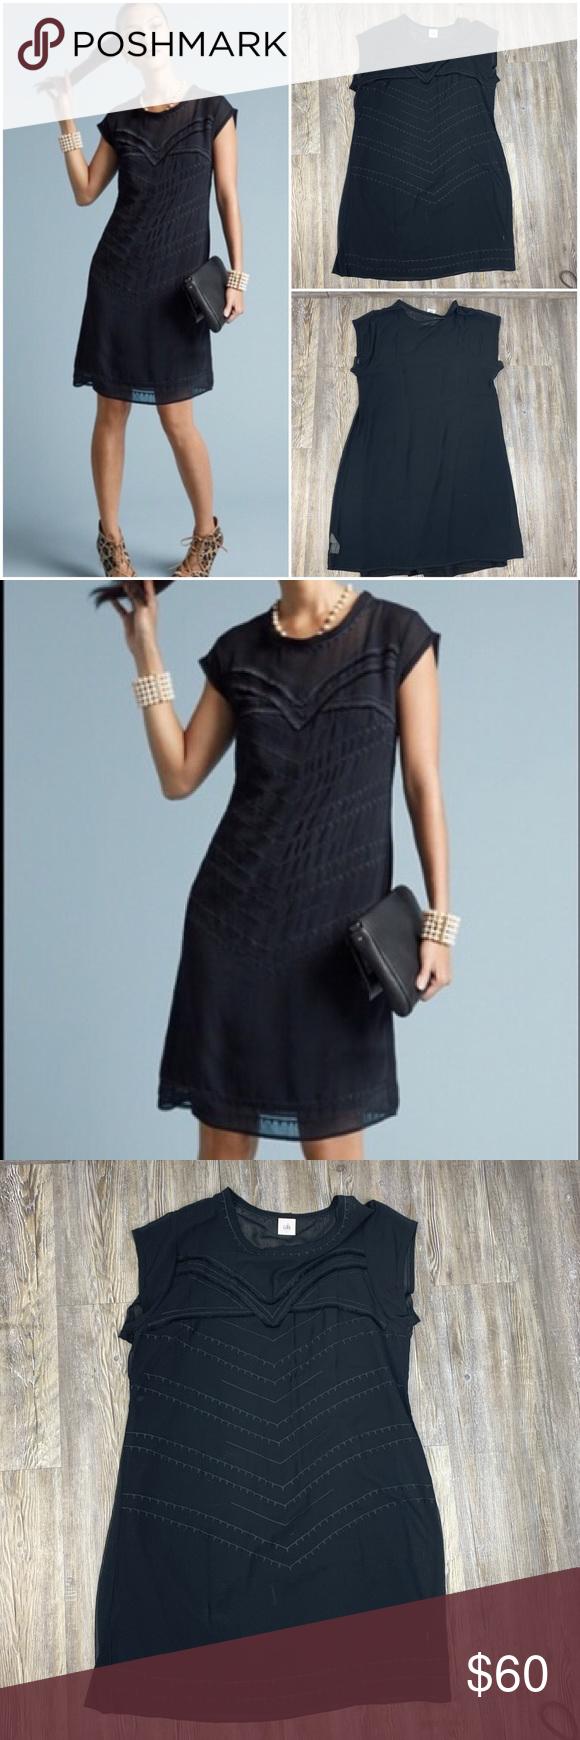 Cabi Dress Up Sheer Black Dress Size L Black Sheer Dress Dress Up Black Dress [ 1740 x 580 Pixel ]